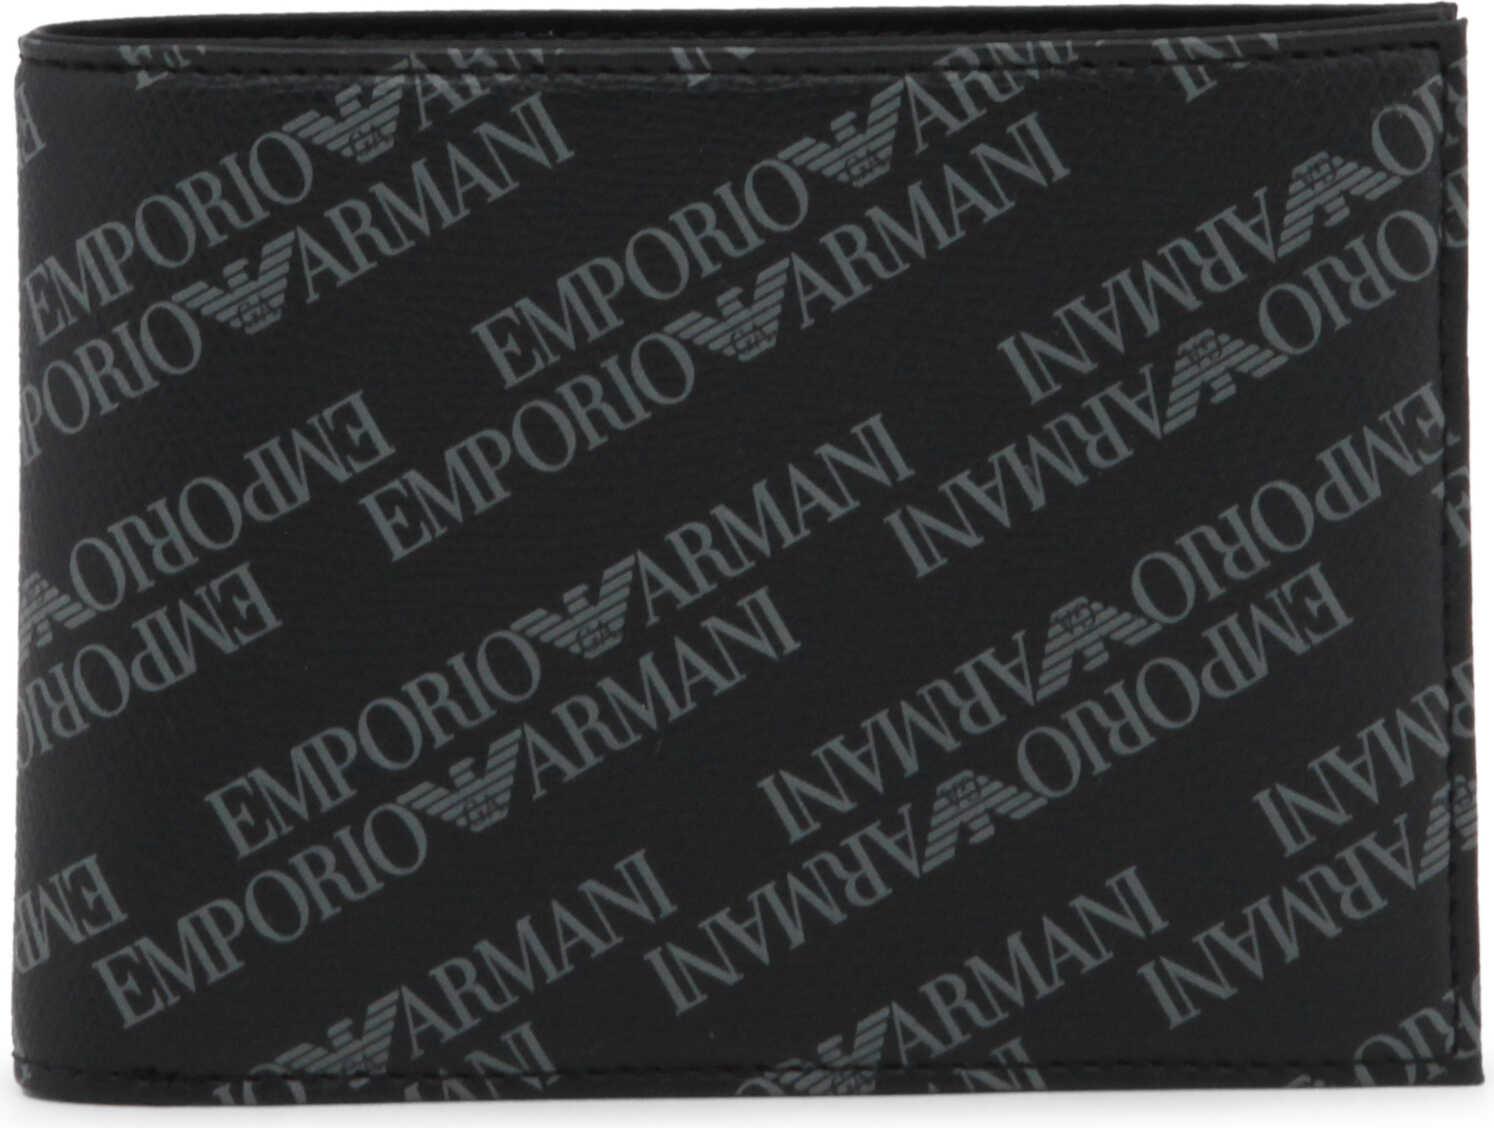 Emporio Armani Y4R166 Black